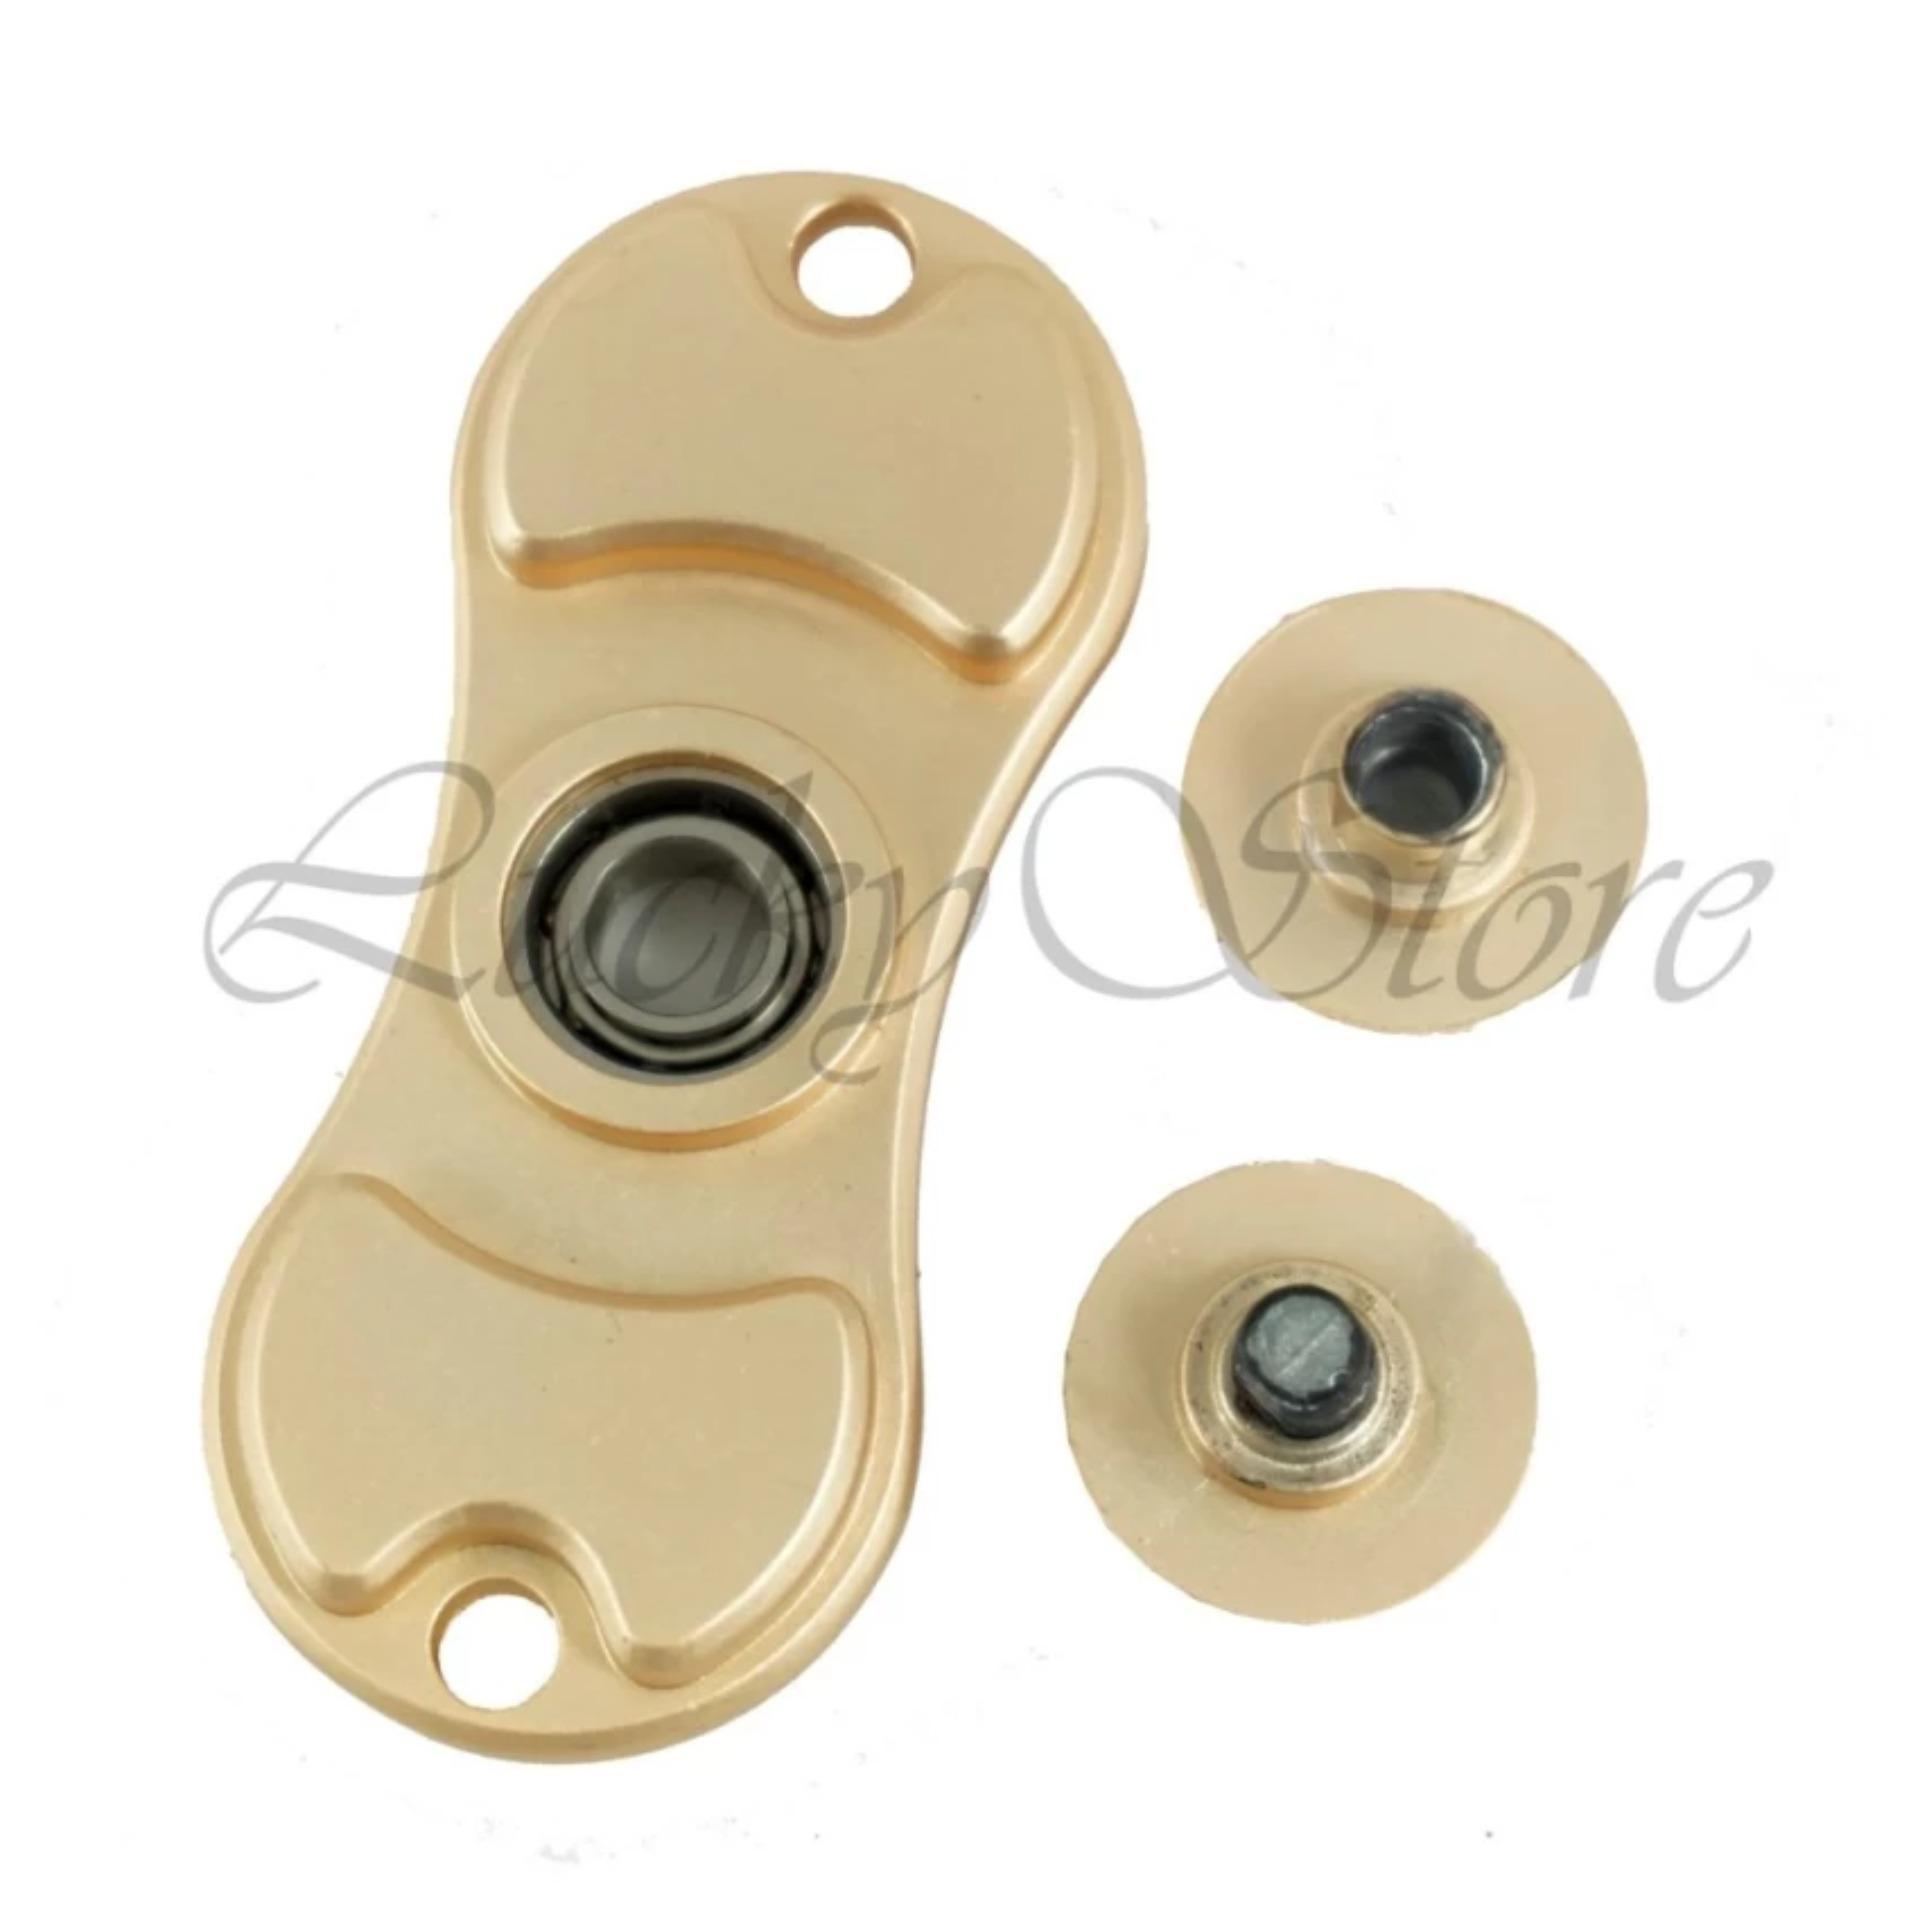 Lucky - METALLIC Ceramic Hybrid Fidget Spinner Hand Spinner Hand Toys Focus Games .